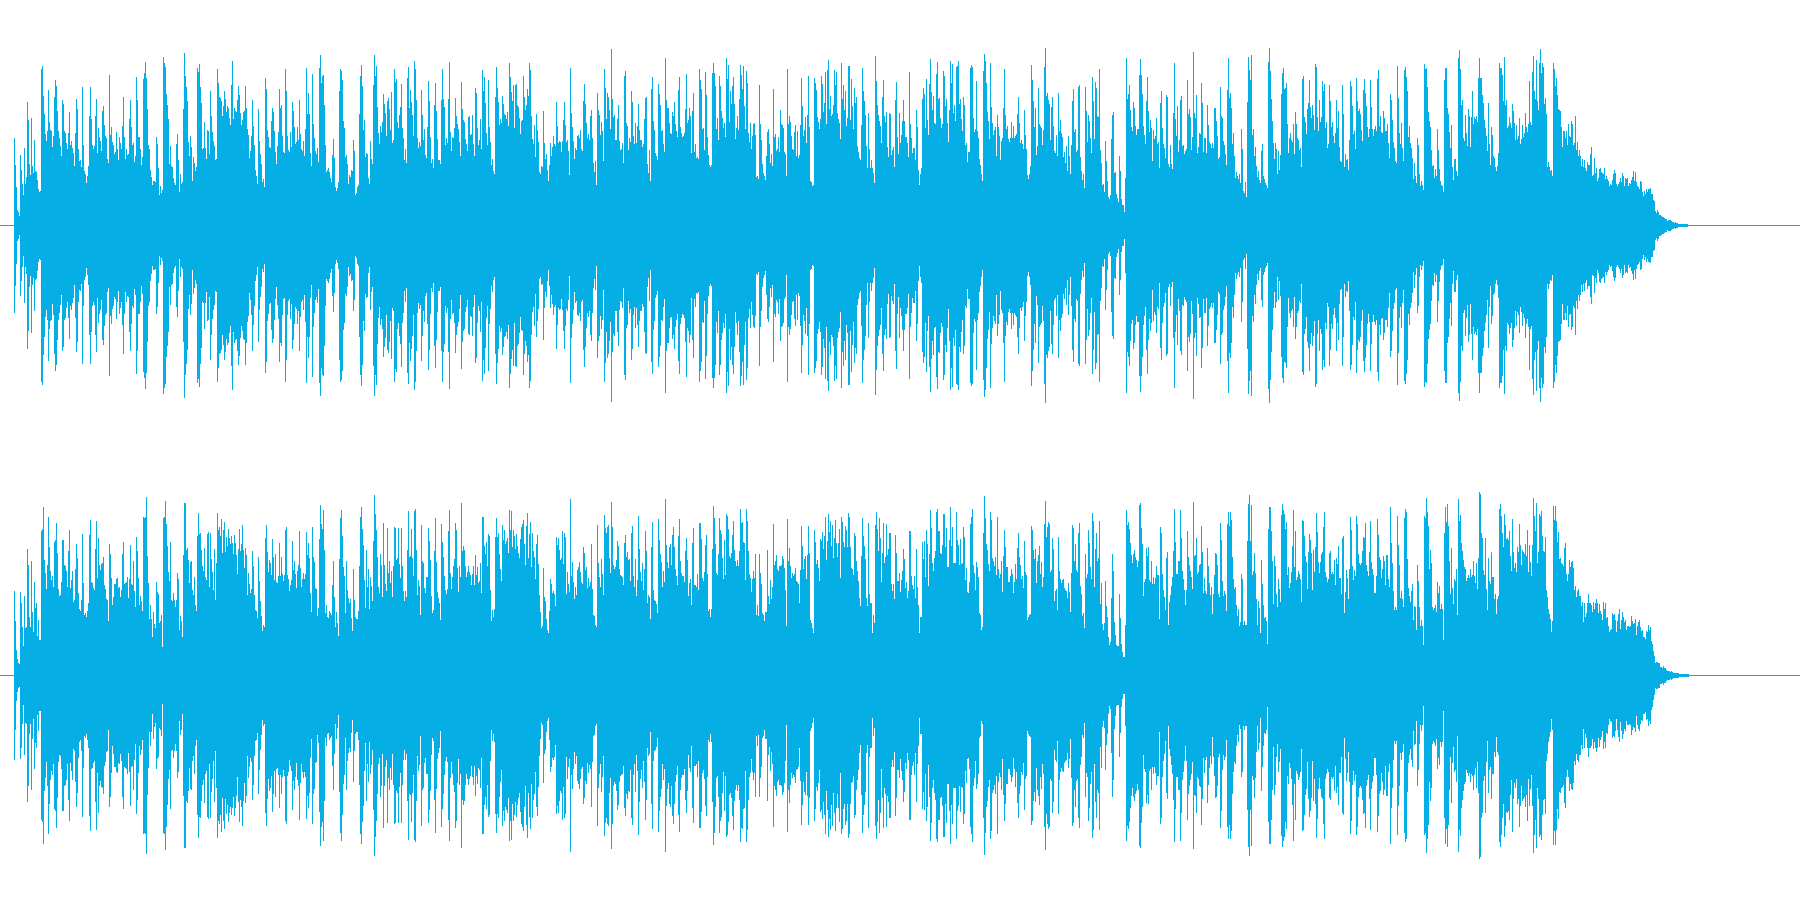 爽やかにはじけるストレート・ポップスの再生済みの波形